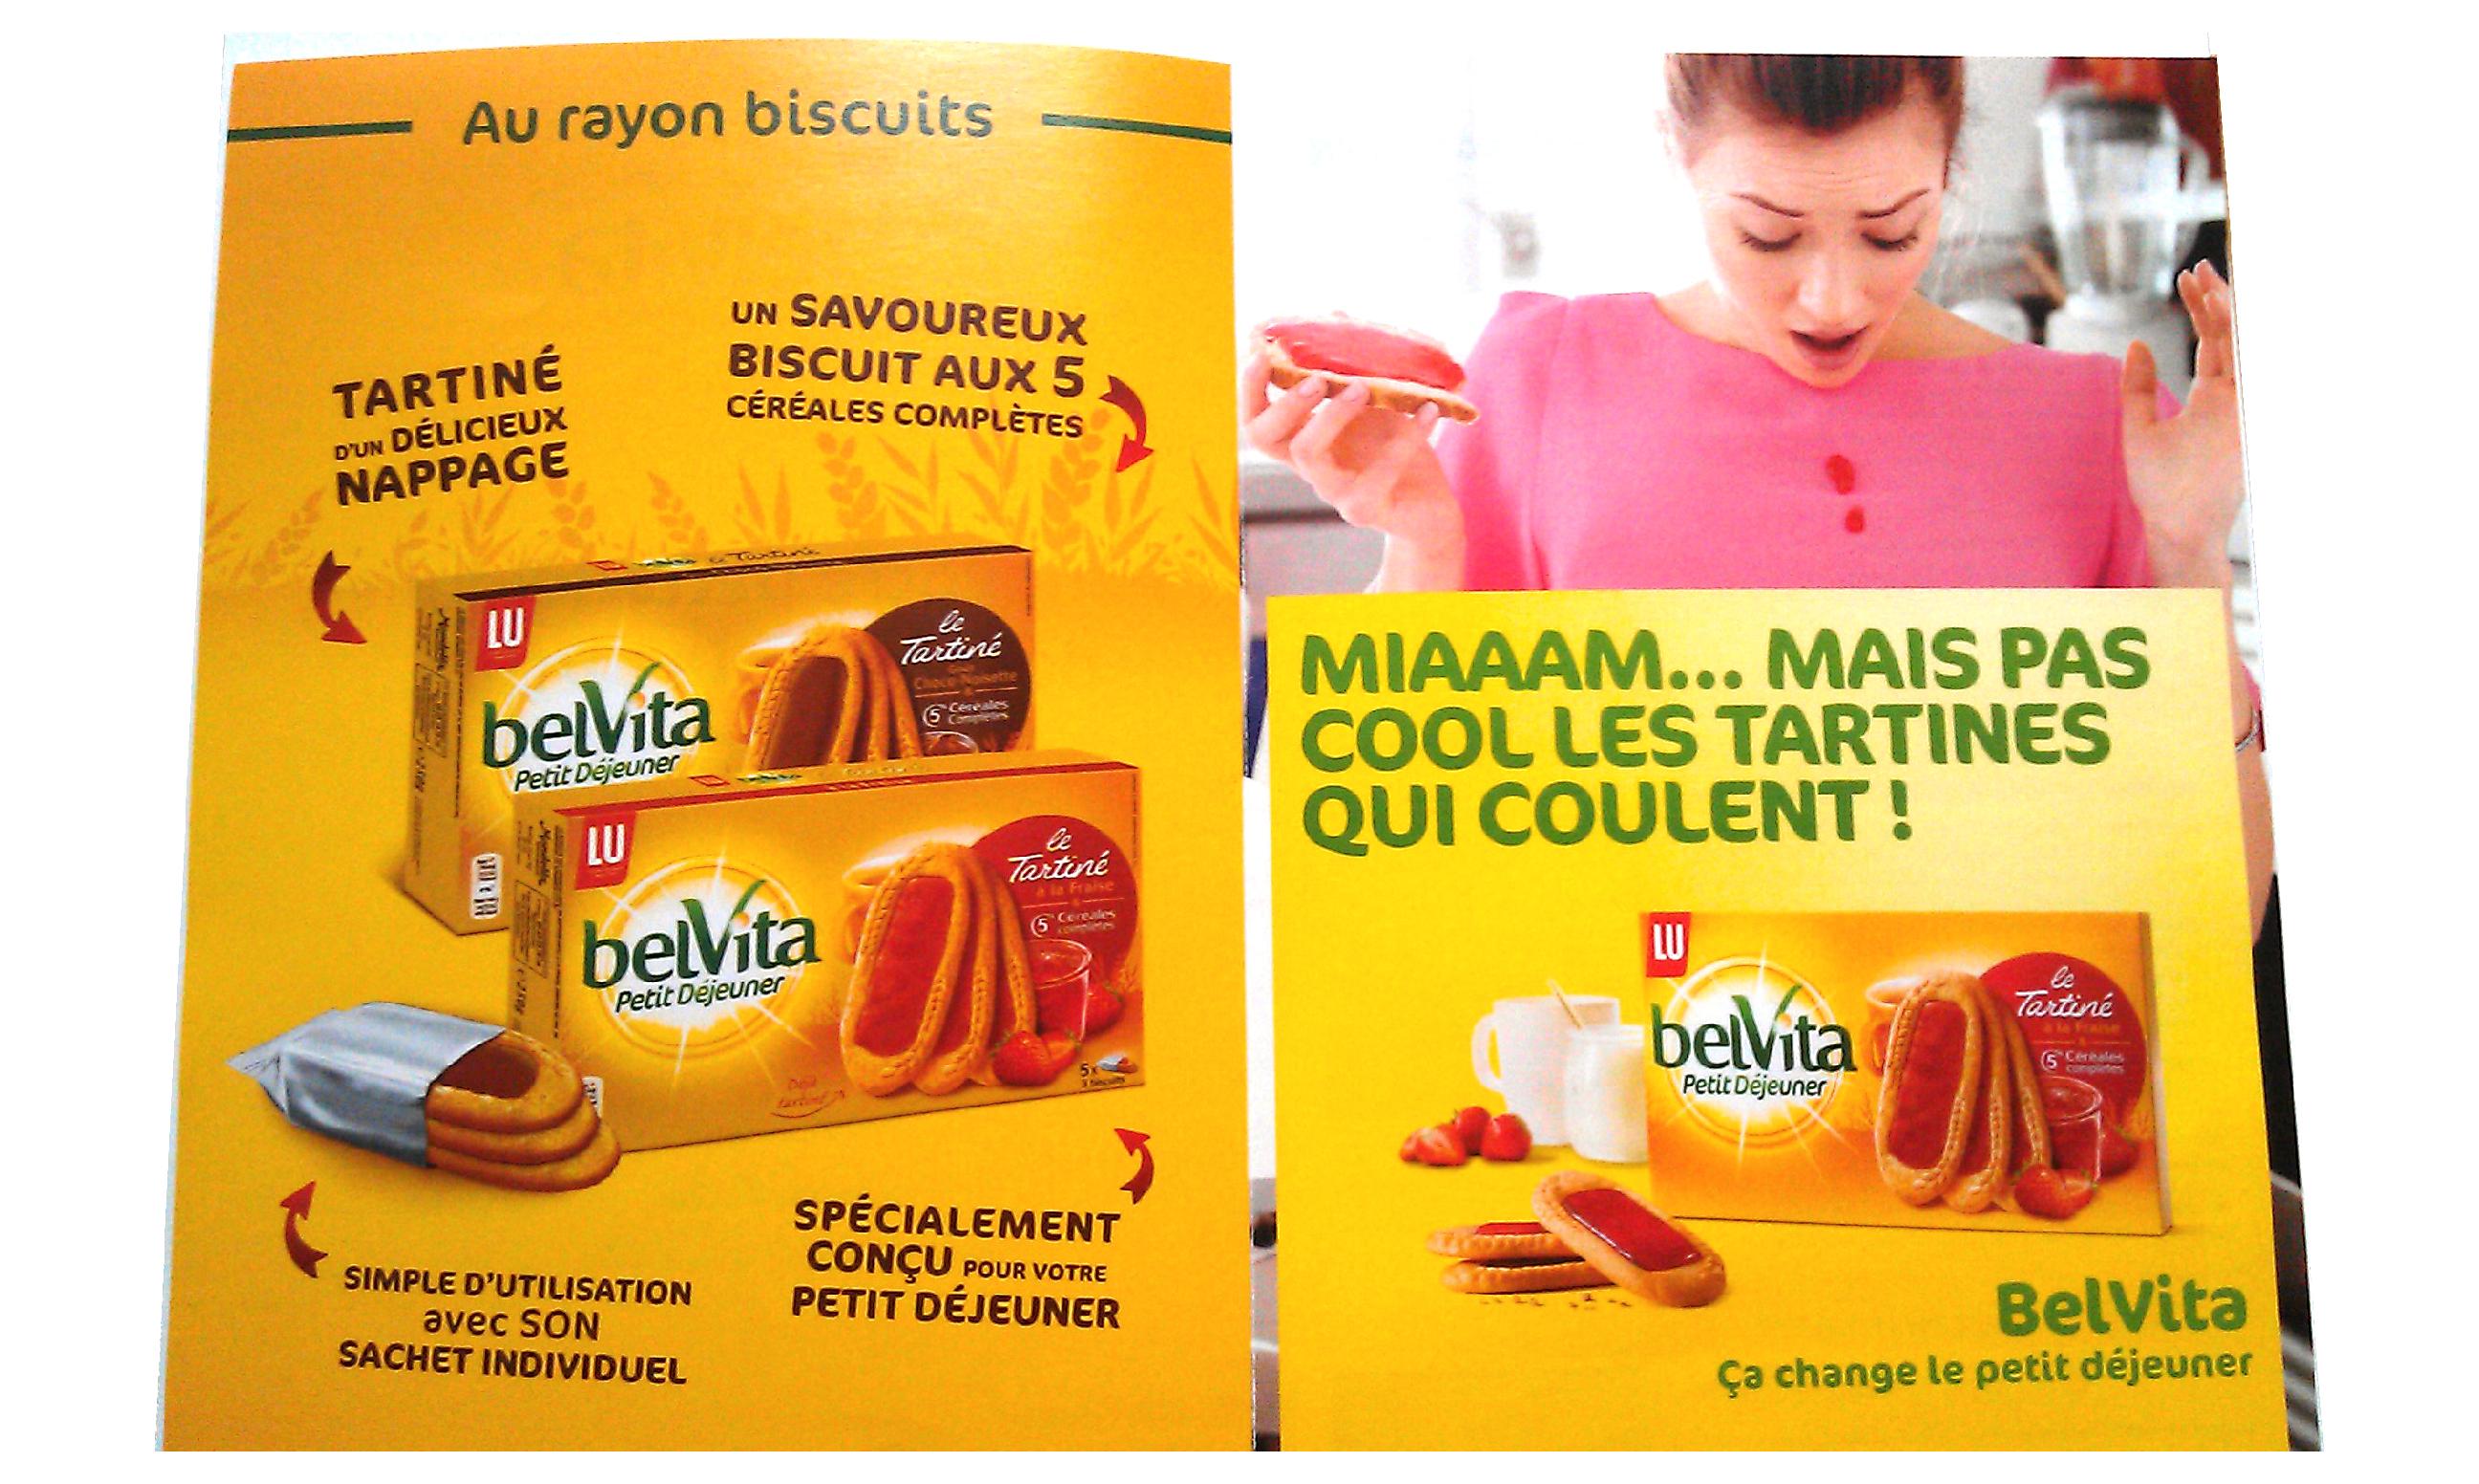 Présentation de la campagne pour les produits belvita de la marque Lu